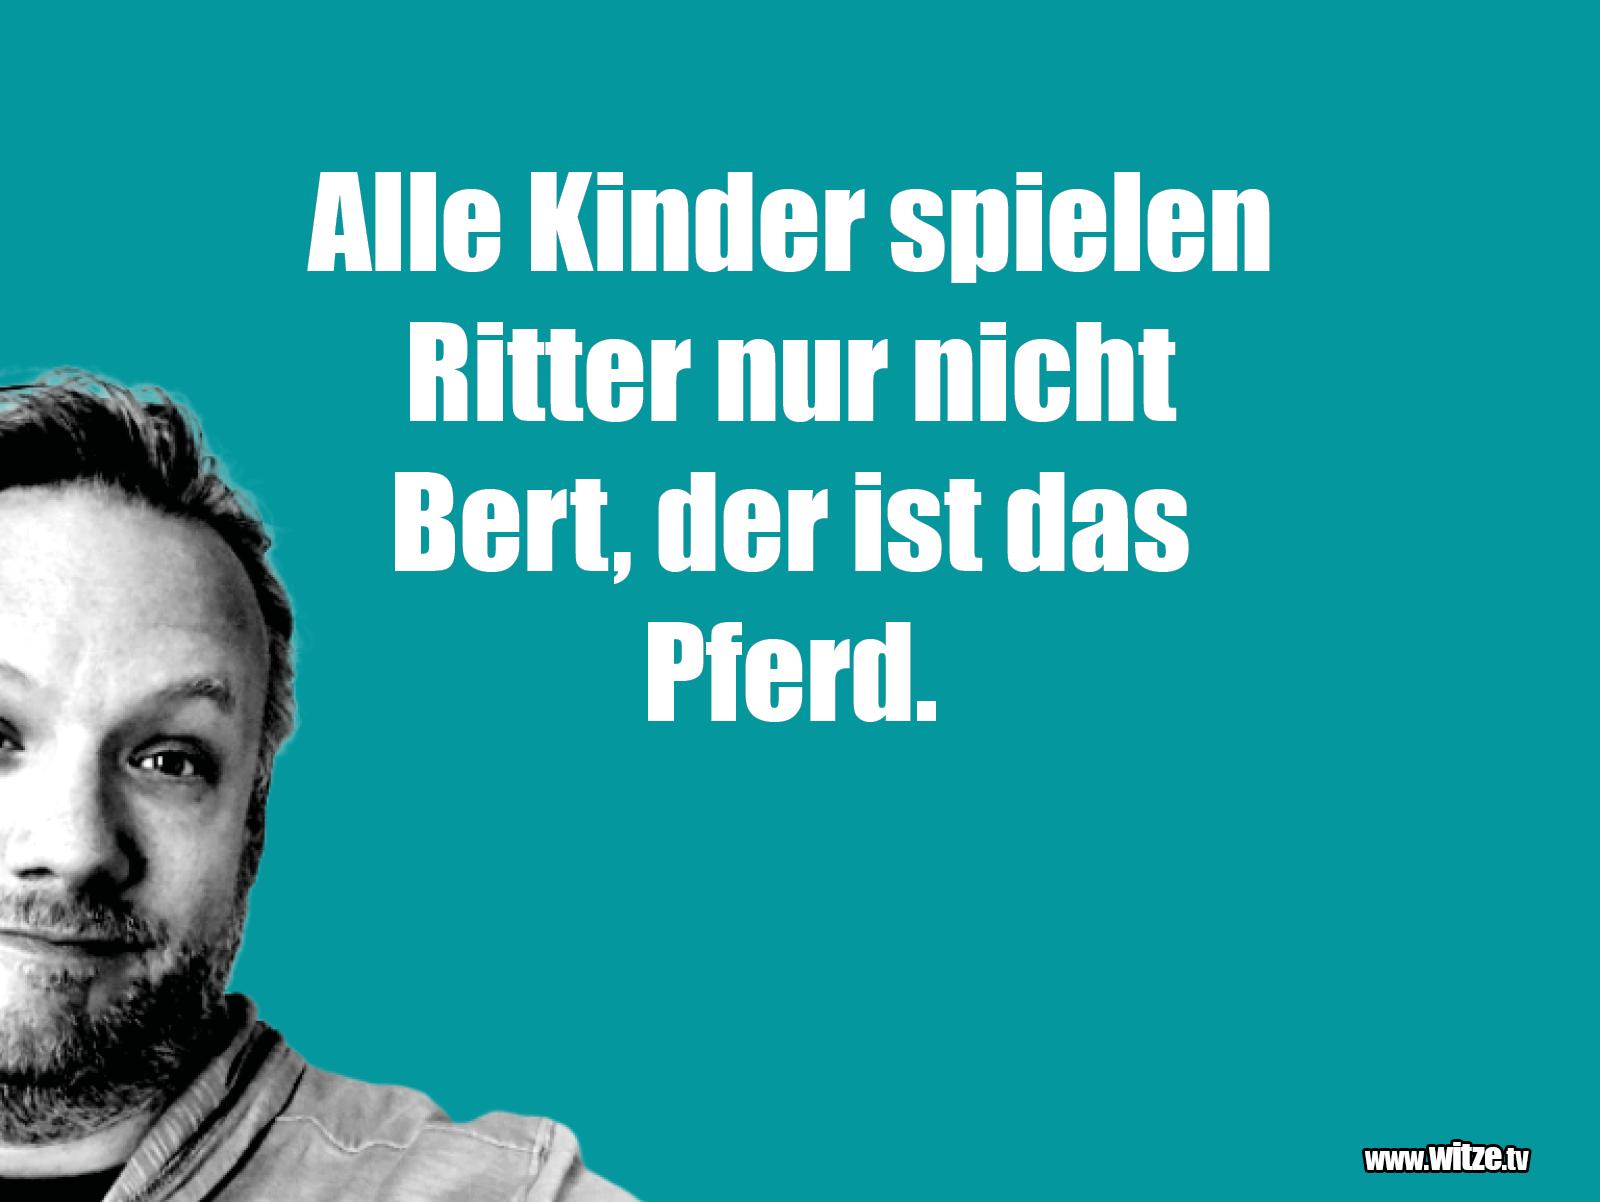 Witz über... Alle Kinder spielen Ritter, nur nicht Bert...